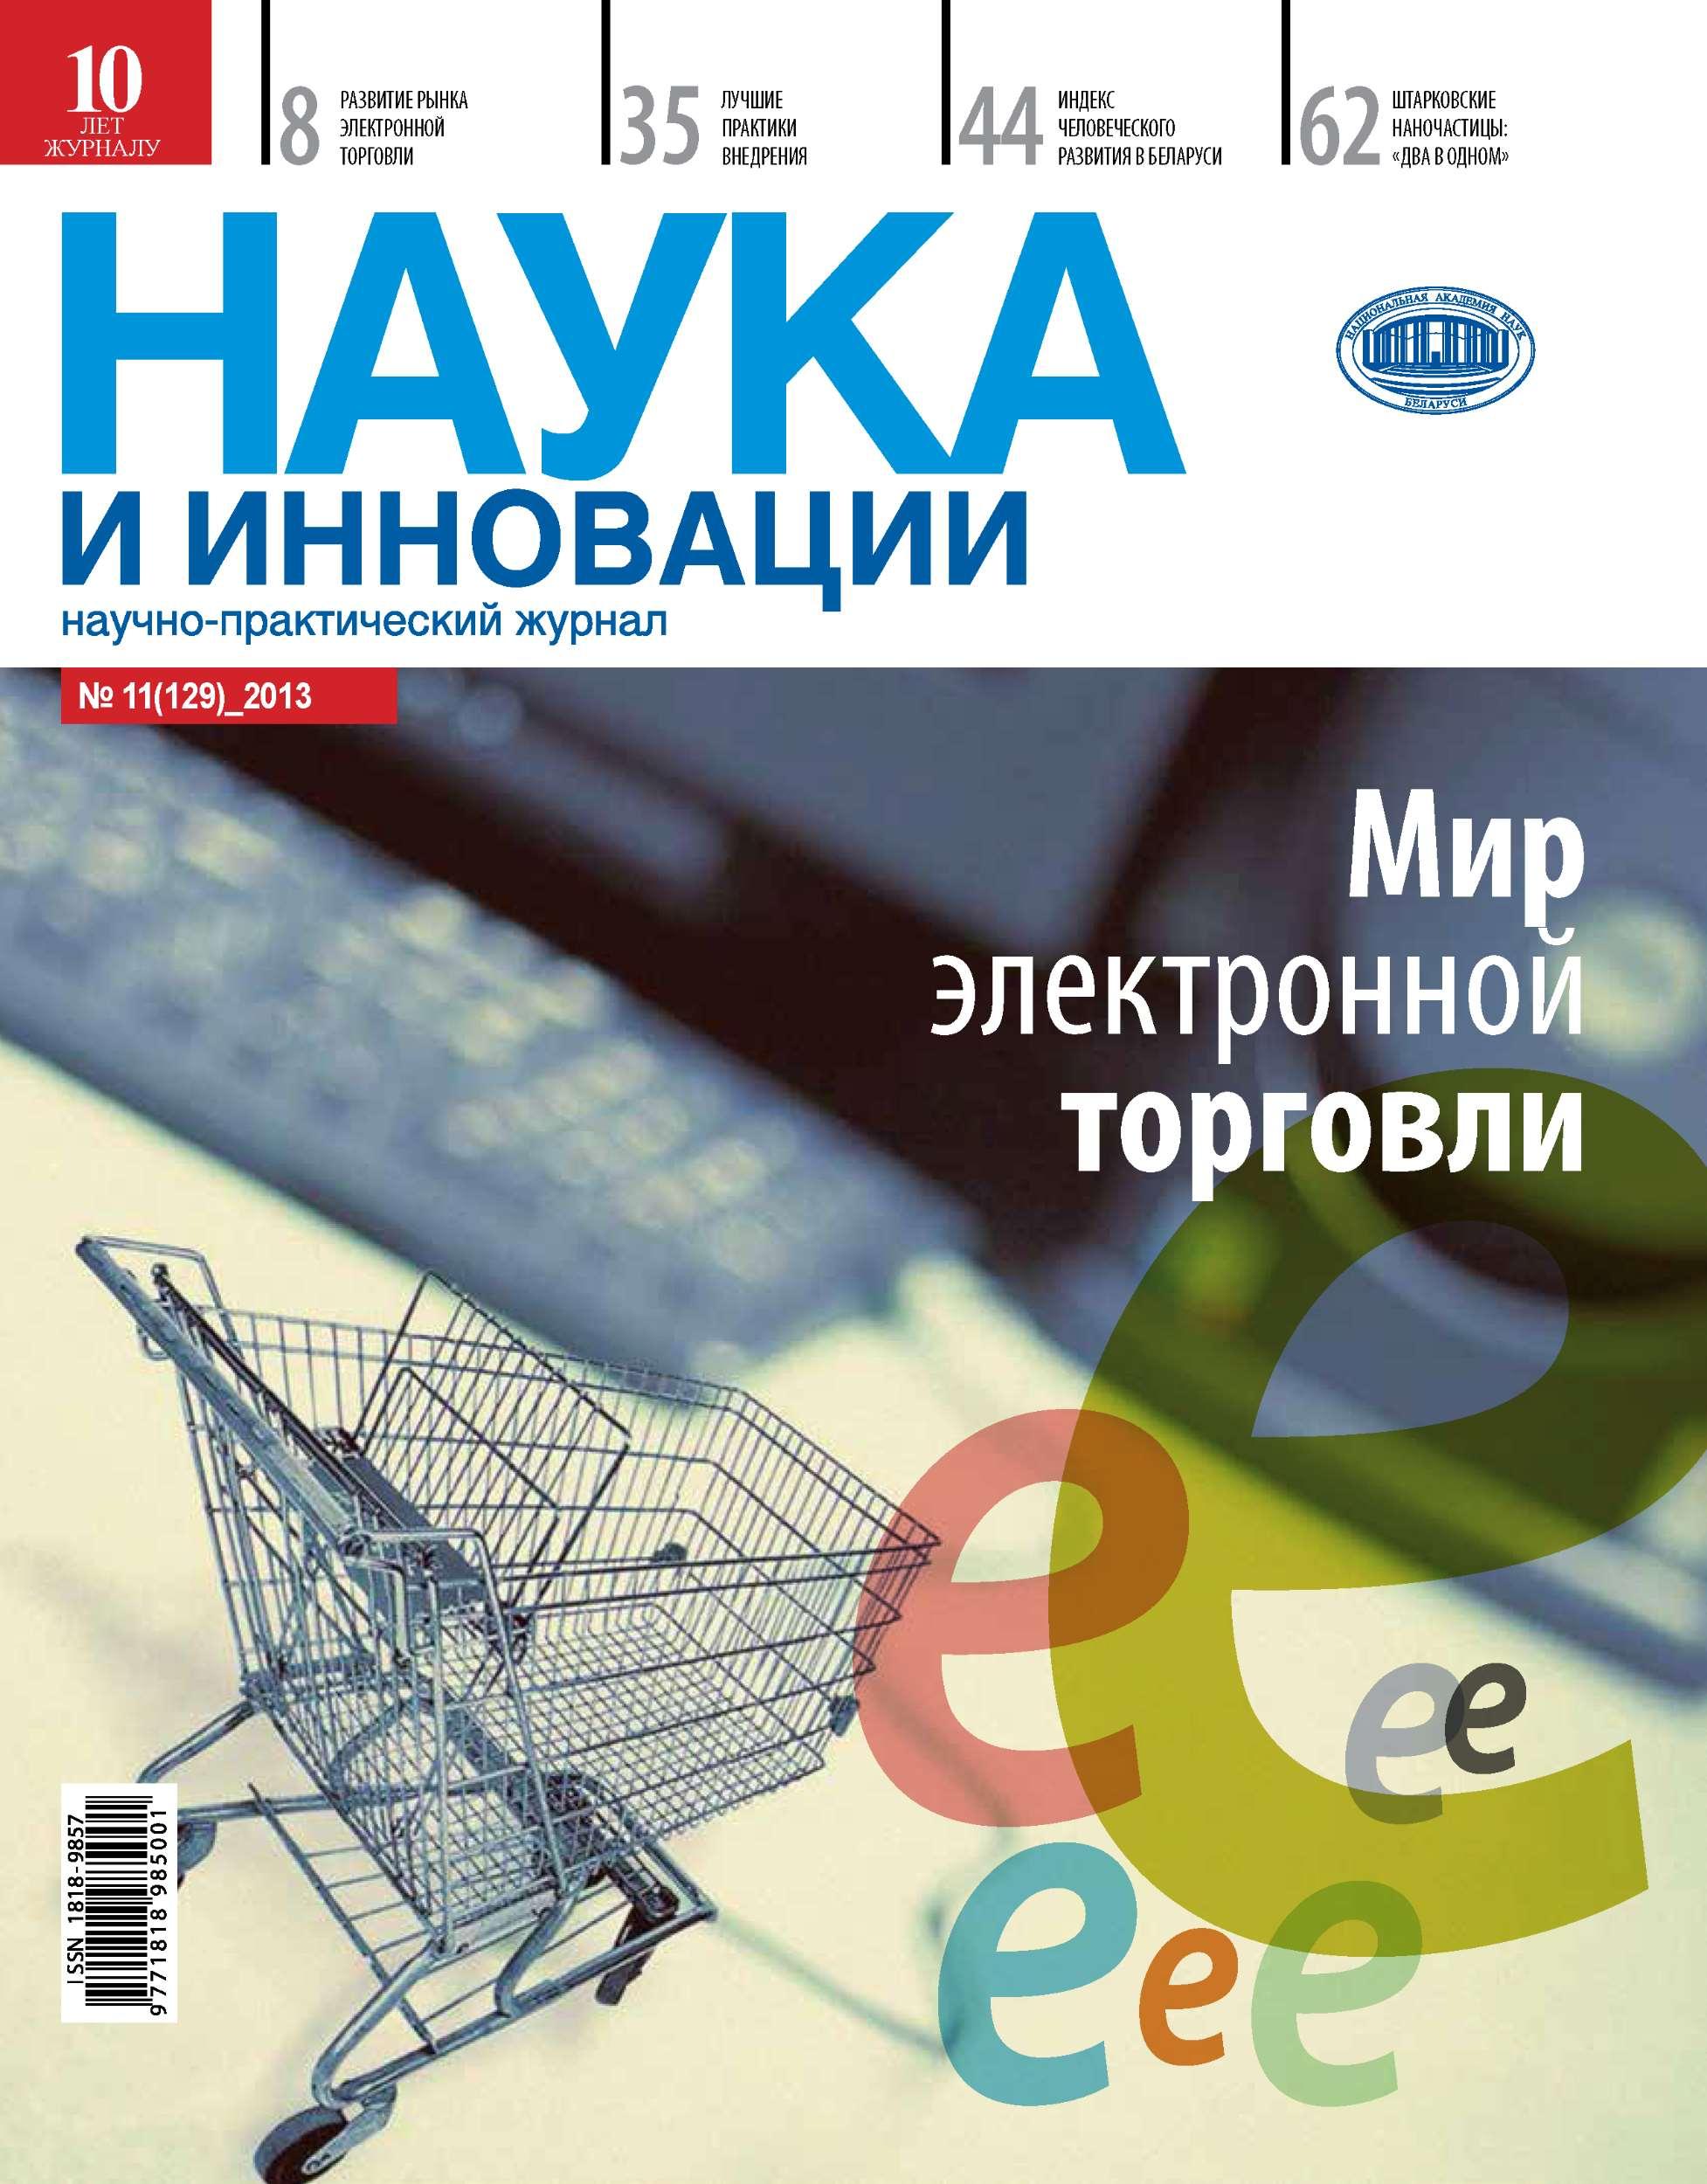 Наука и инновации №11 (129) 2013